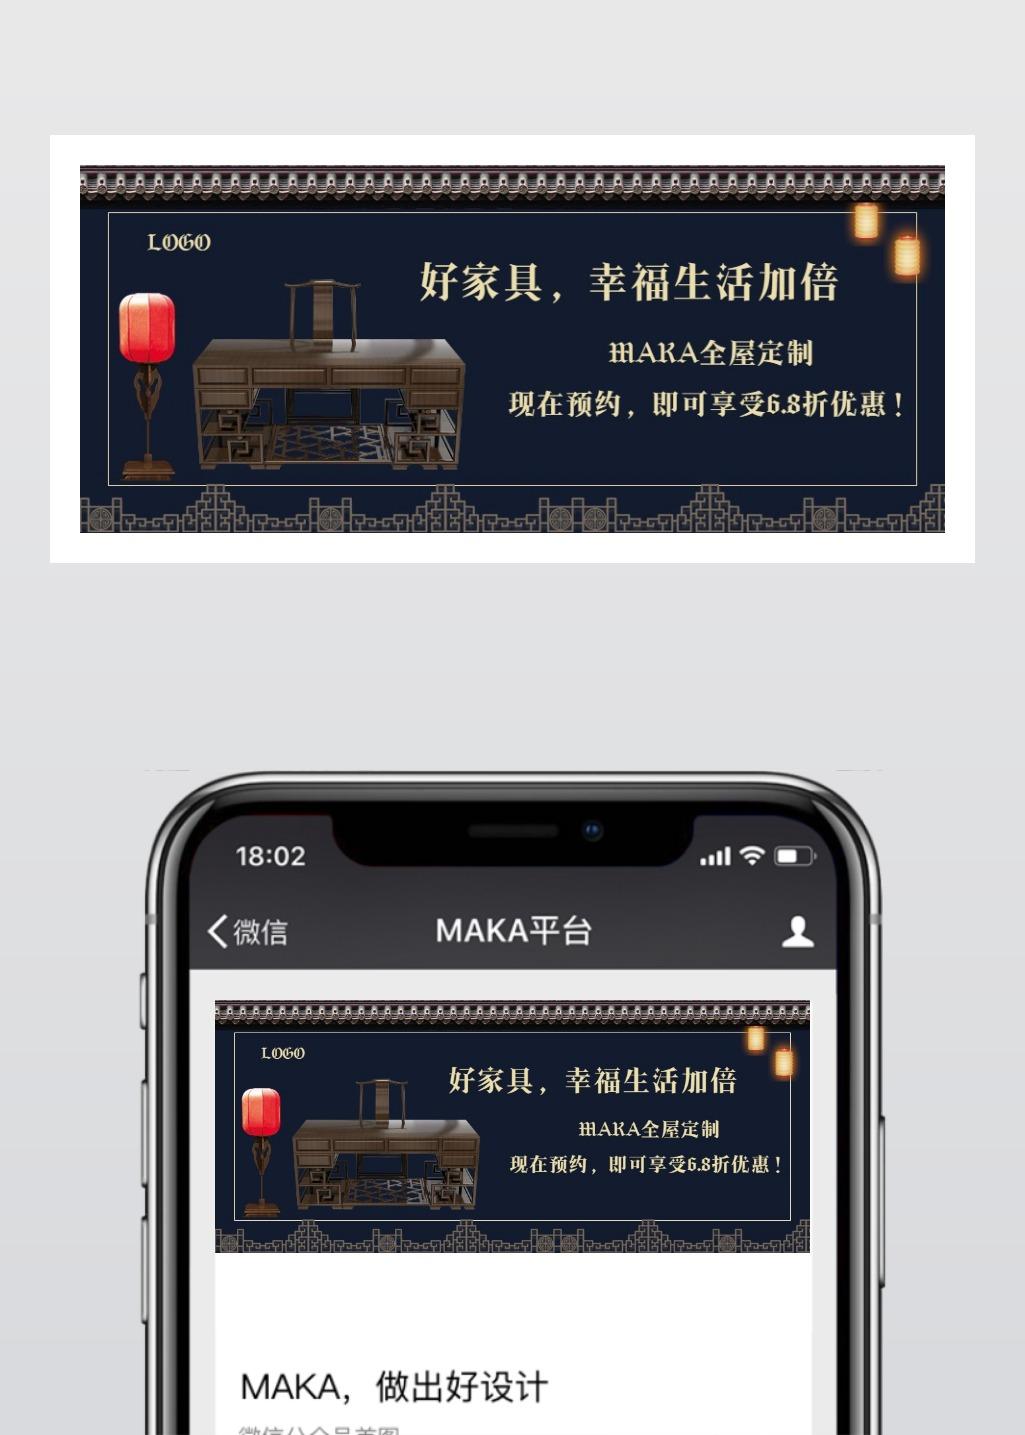 深蓝色高端奢华中国风古典家具红木家具全屋定制宣传促销微信公众号头图